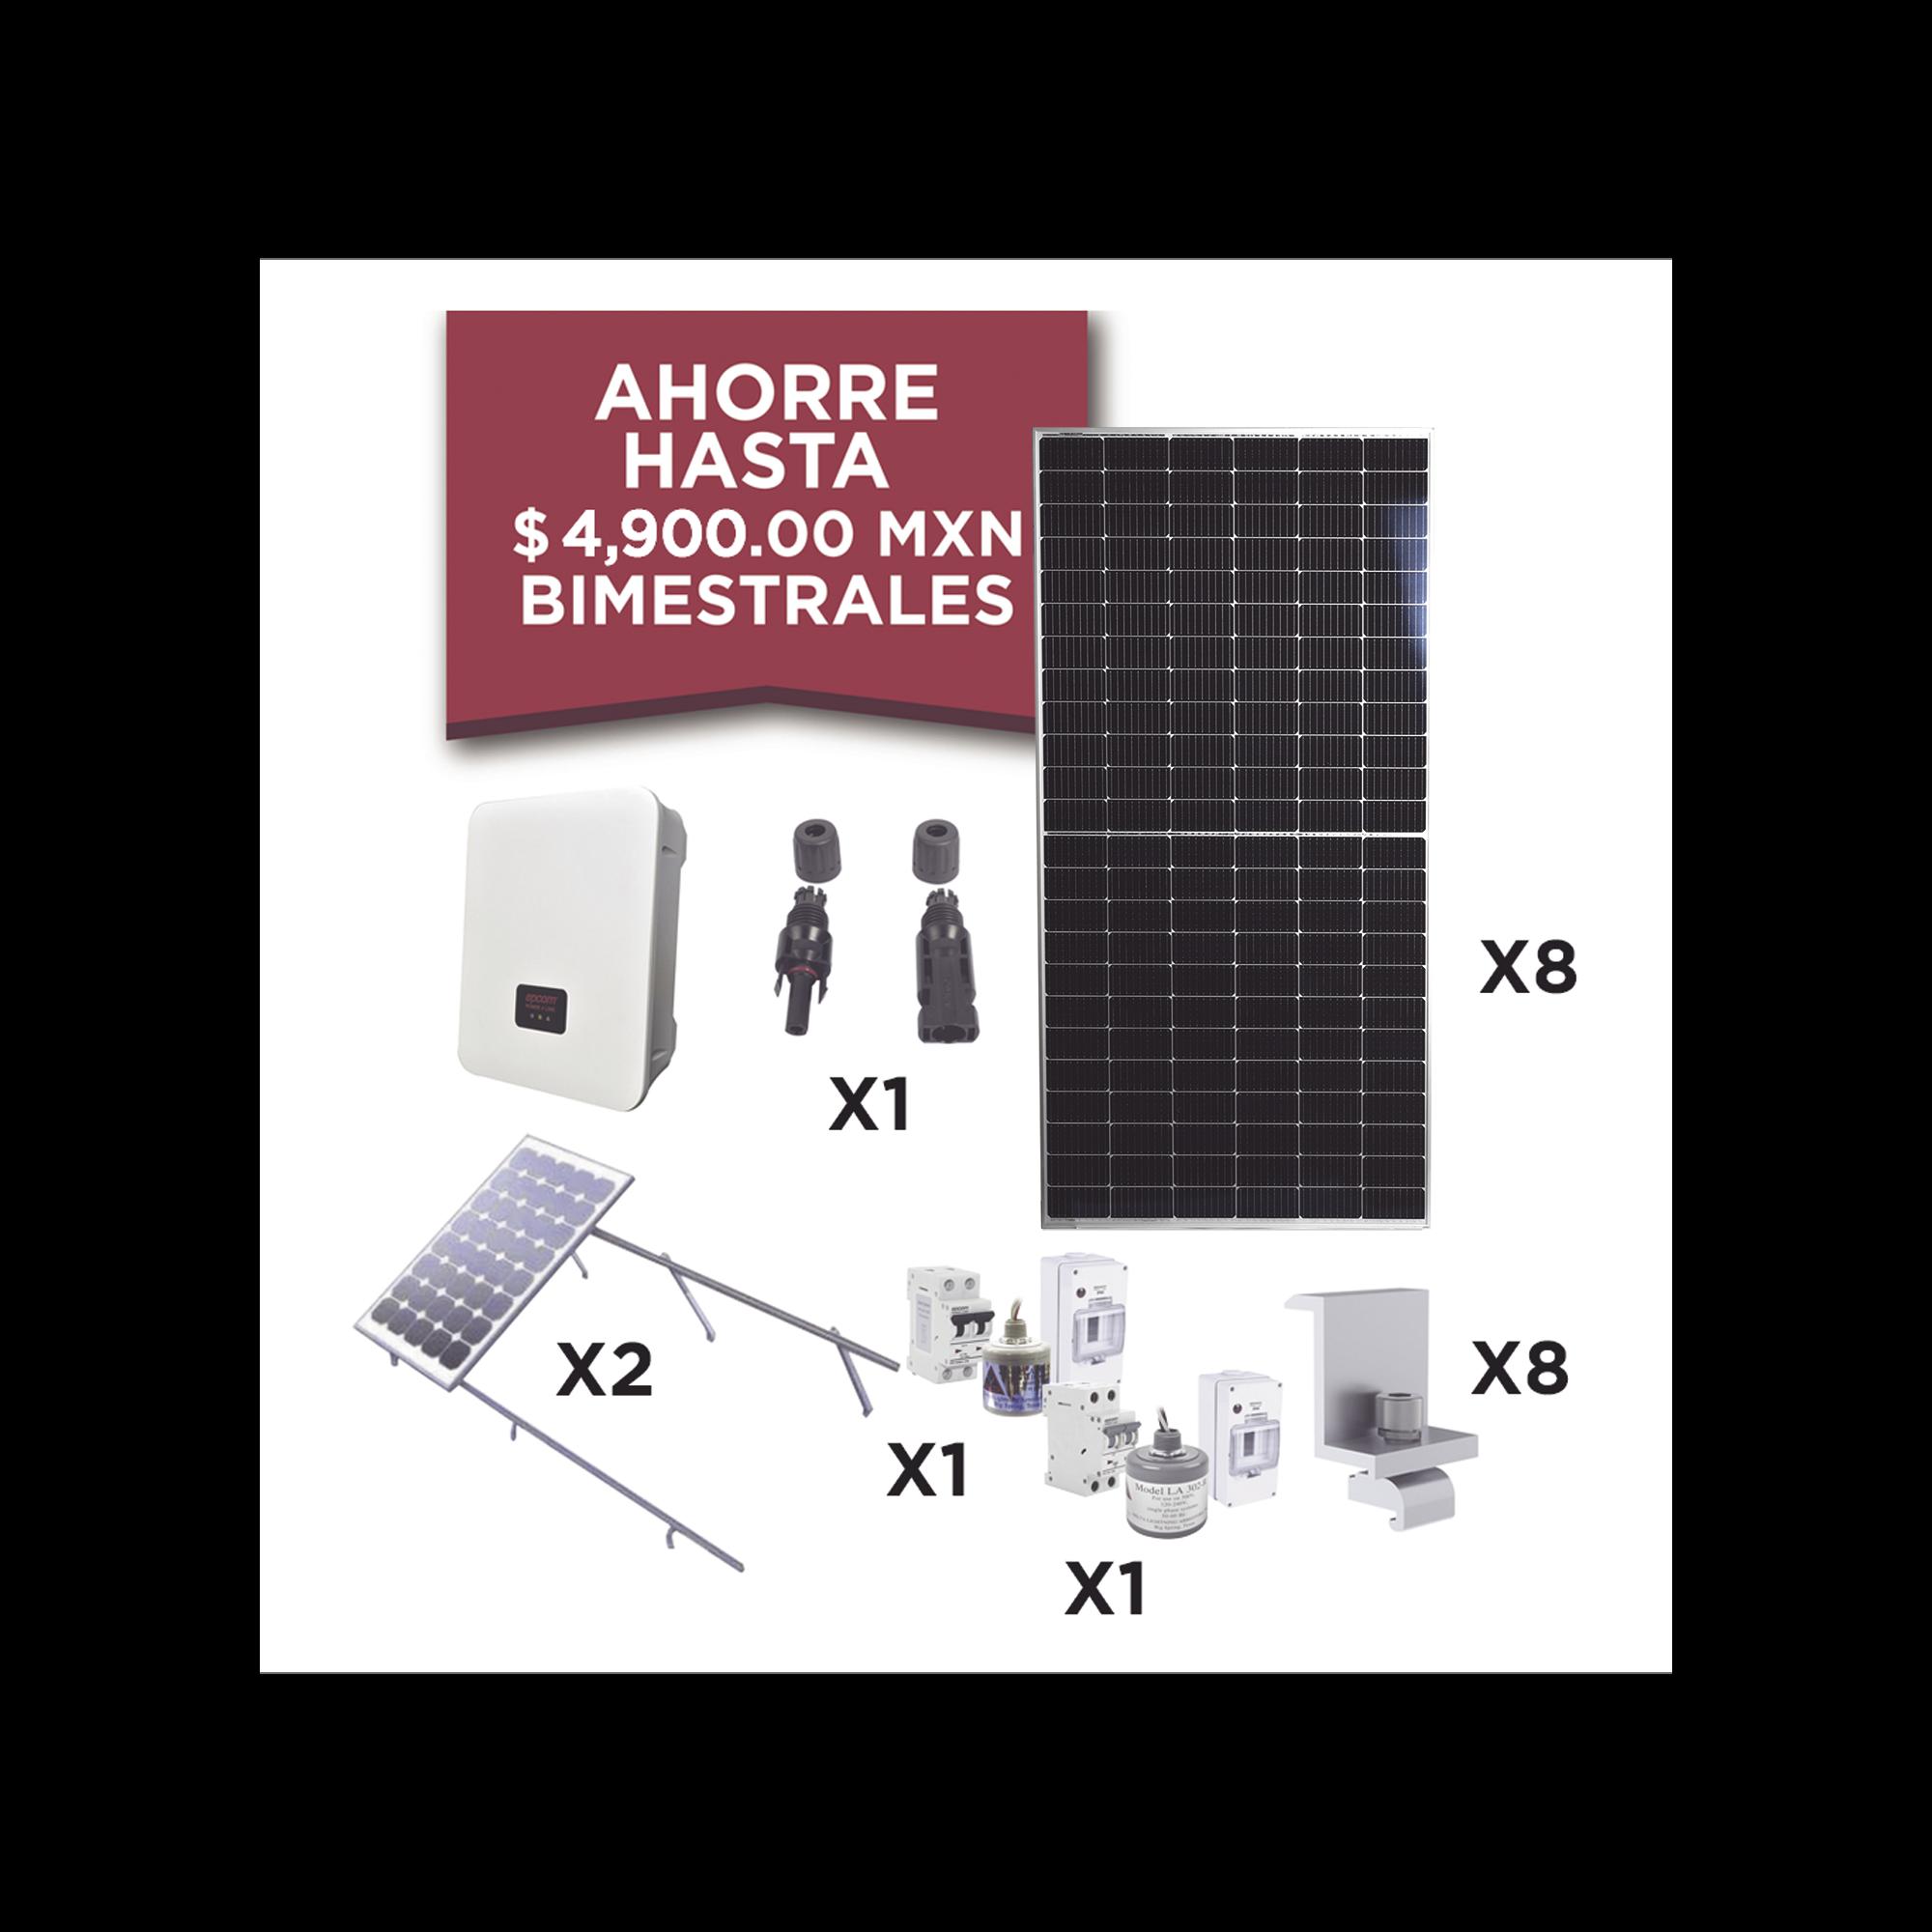 Kit Solar para Interconexión de 3 KW de Potencia, 220 Vca con Inversor de Cadena y Paneles Monocristalinos de 450W